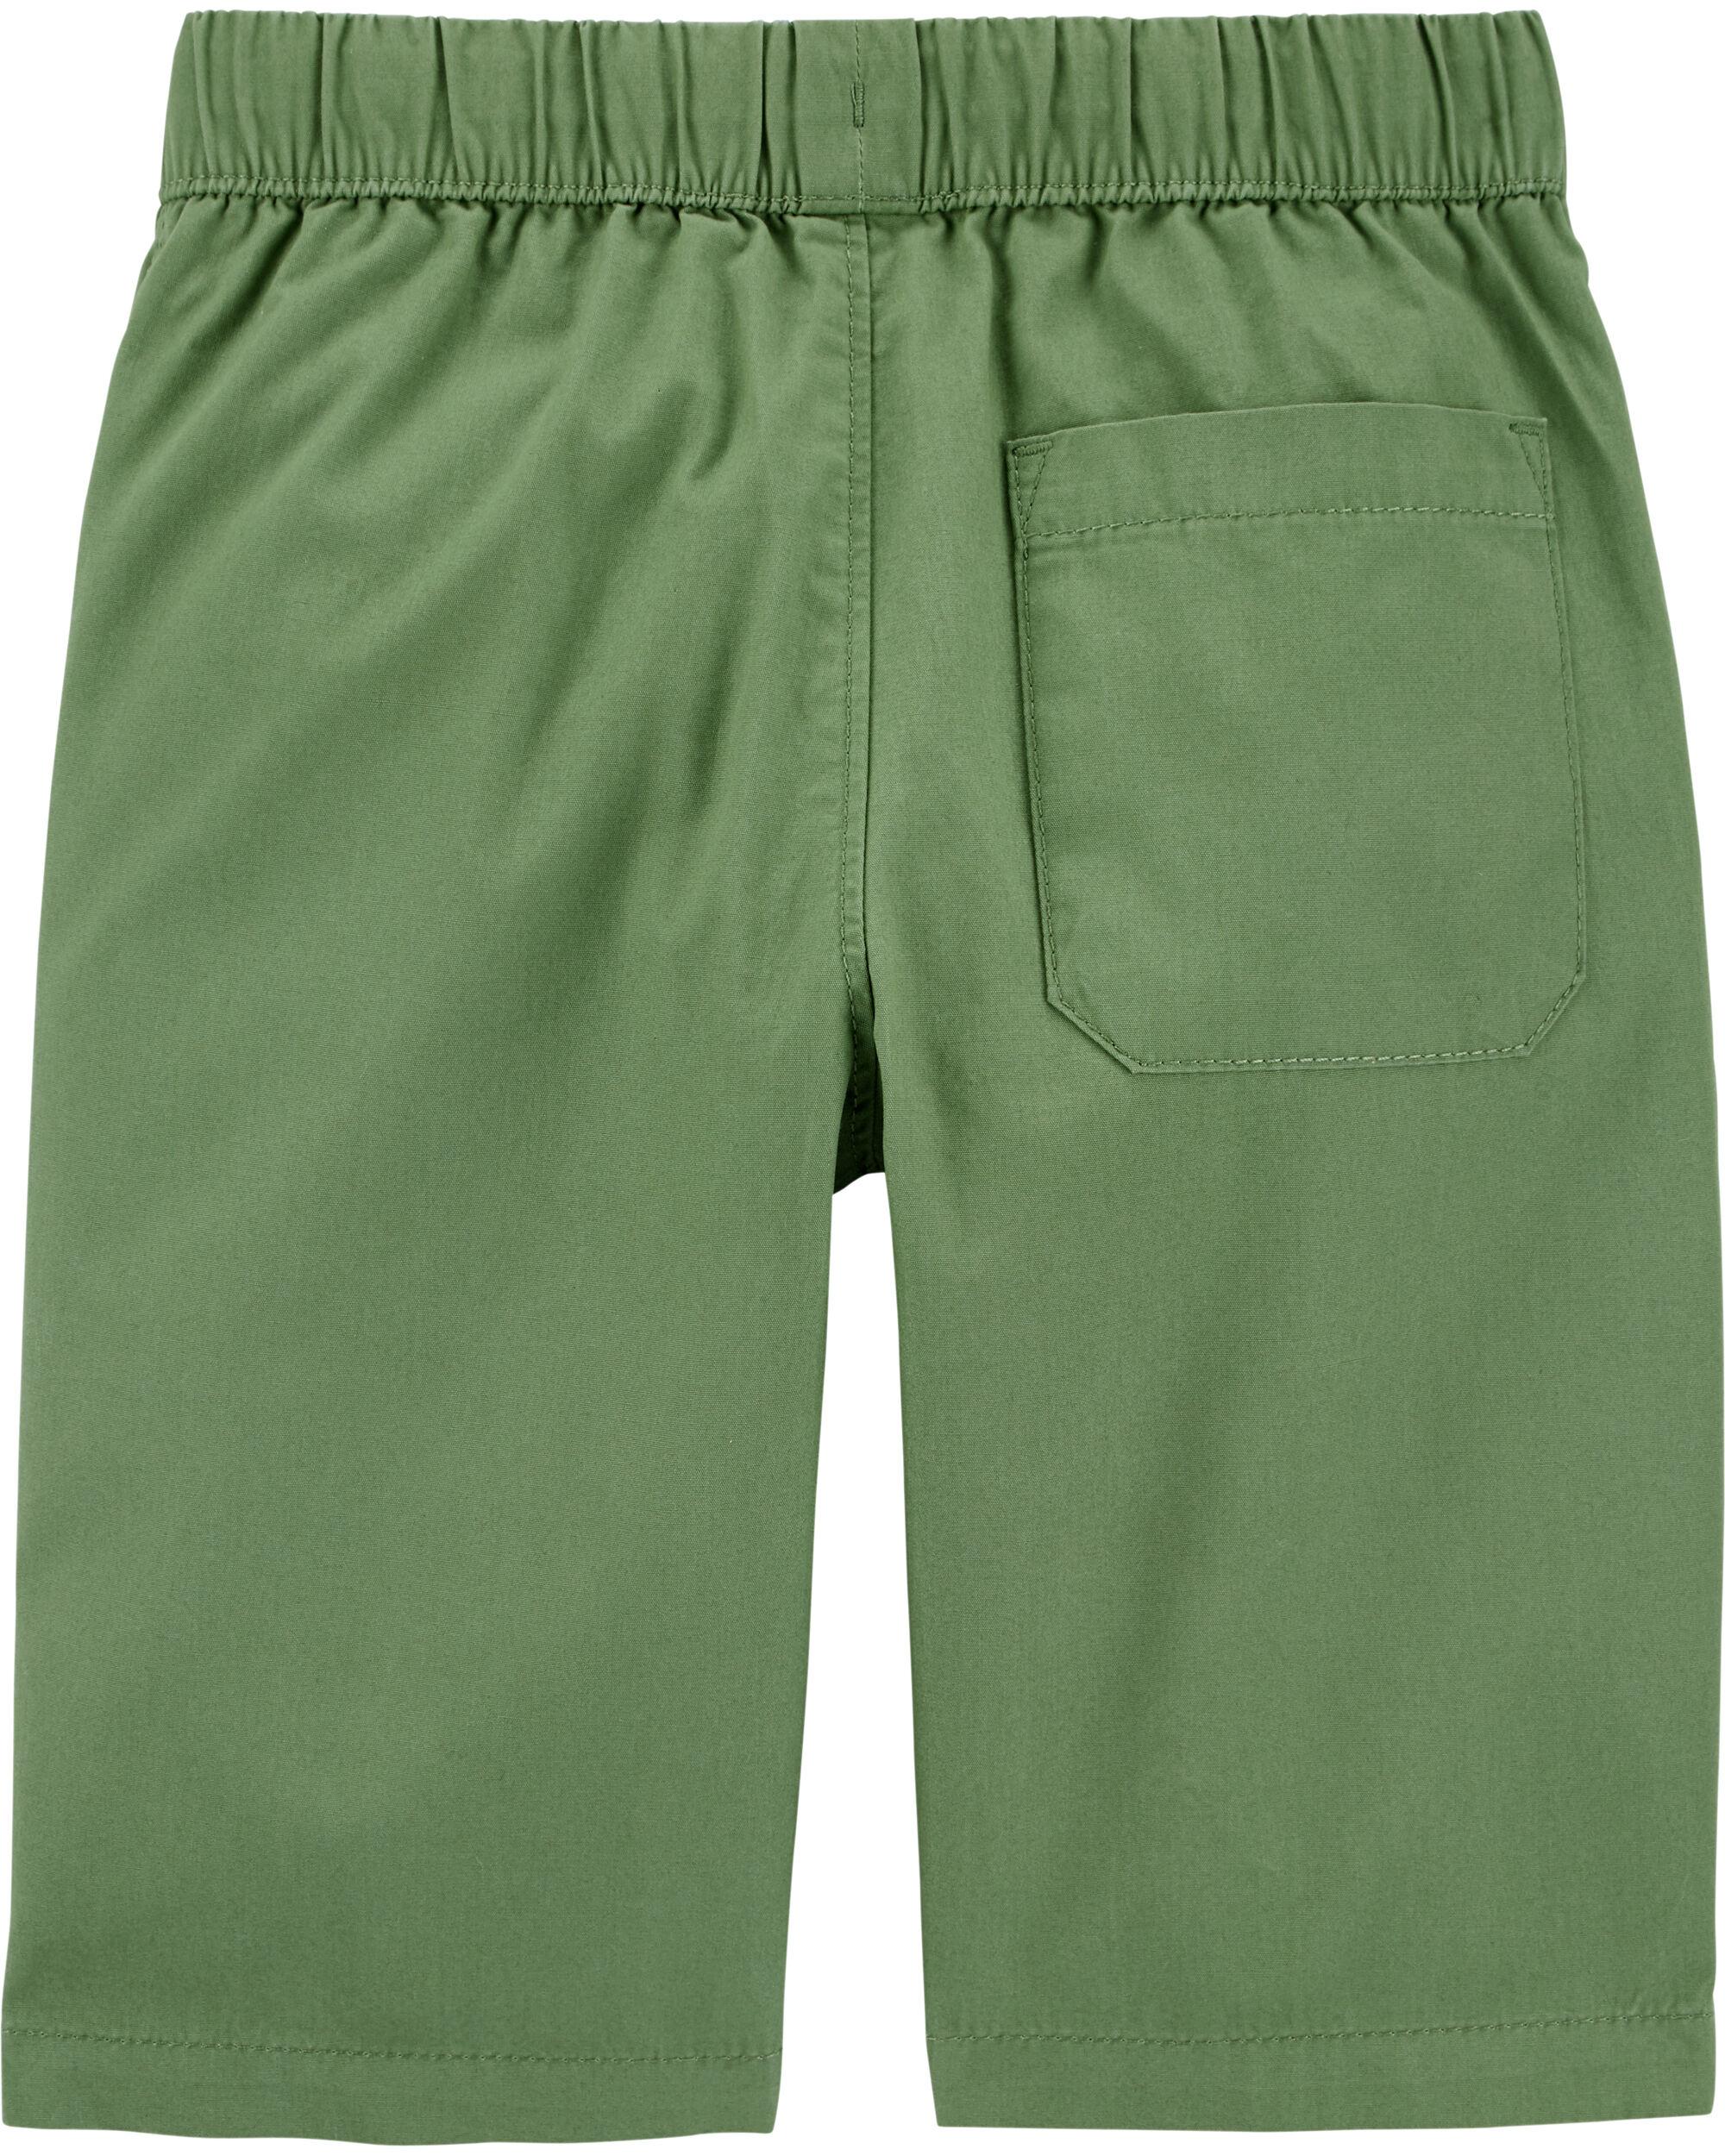 OshKosh Boys Pull-On Poplin Shorts 18-24m Green